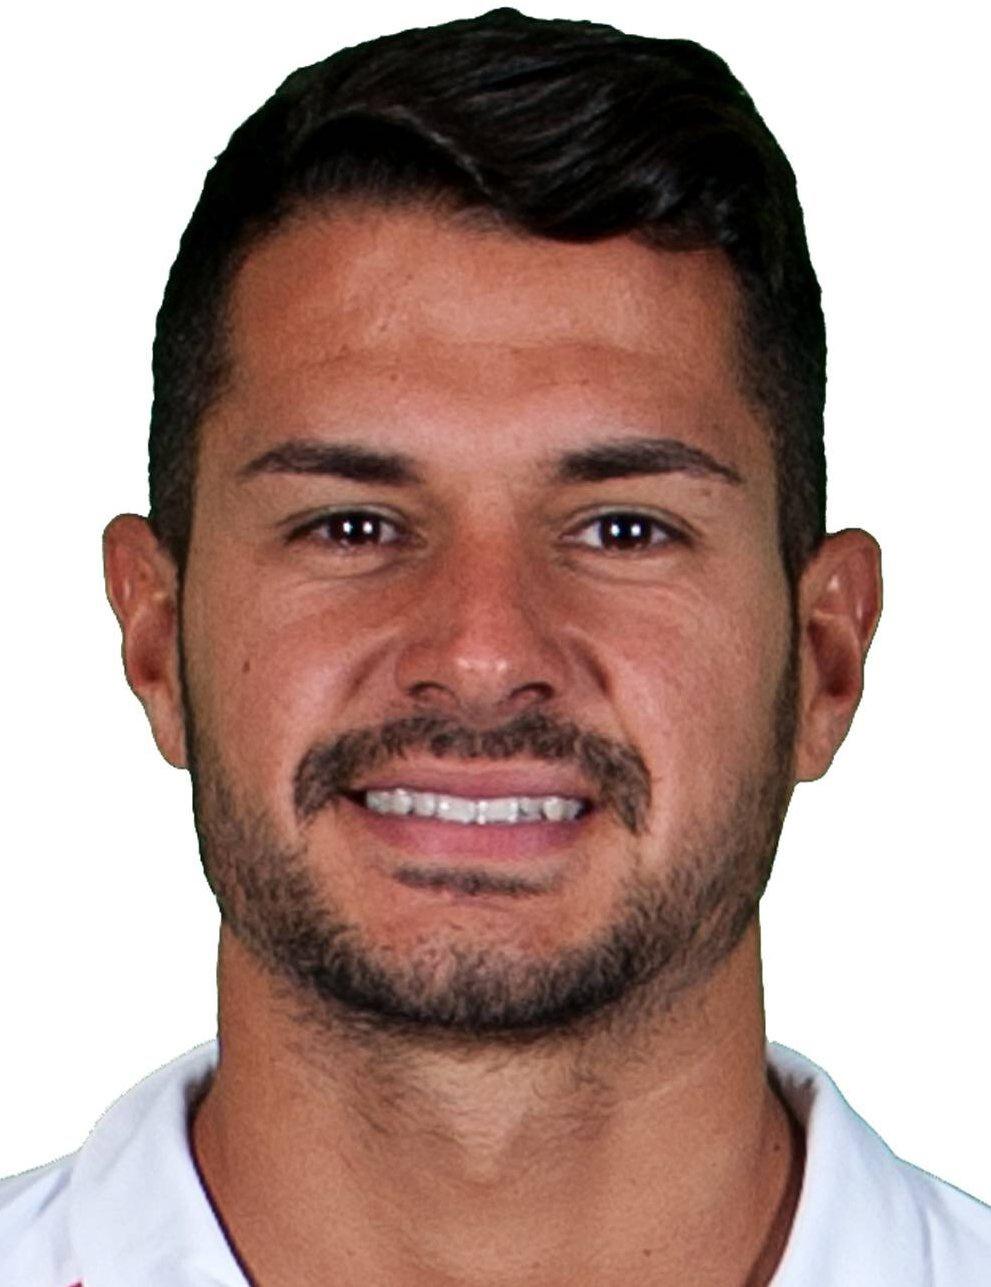 Vitolo профиль игрока 1819 Transfermarkt